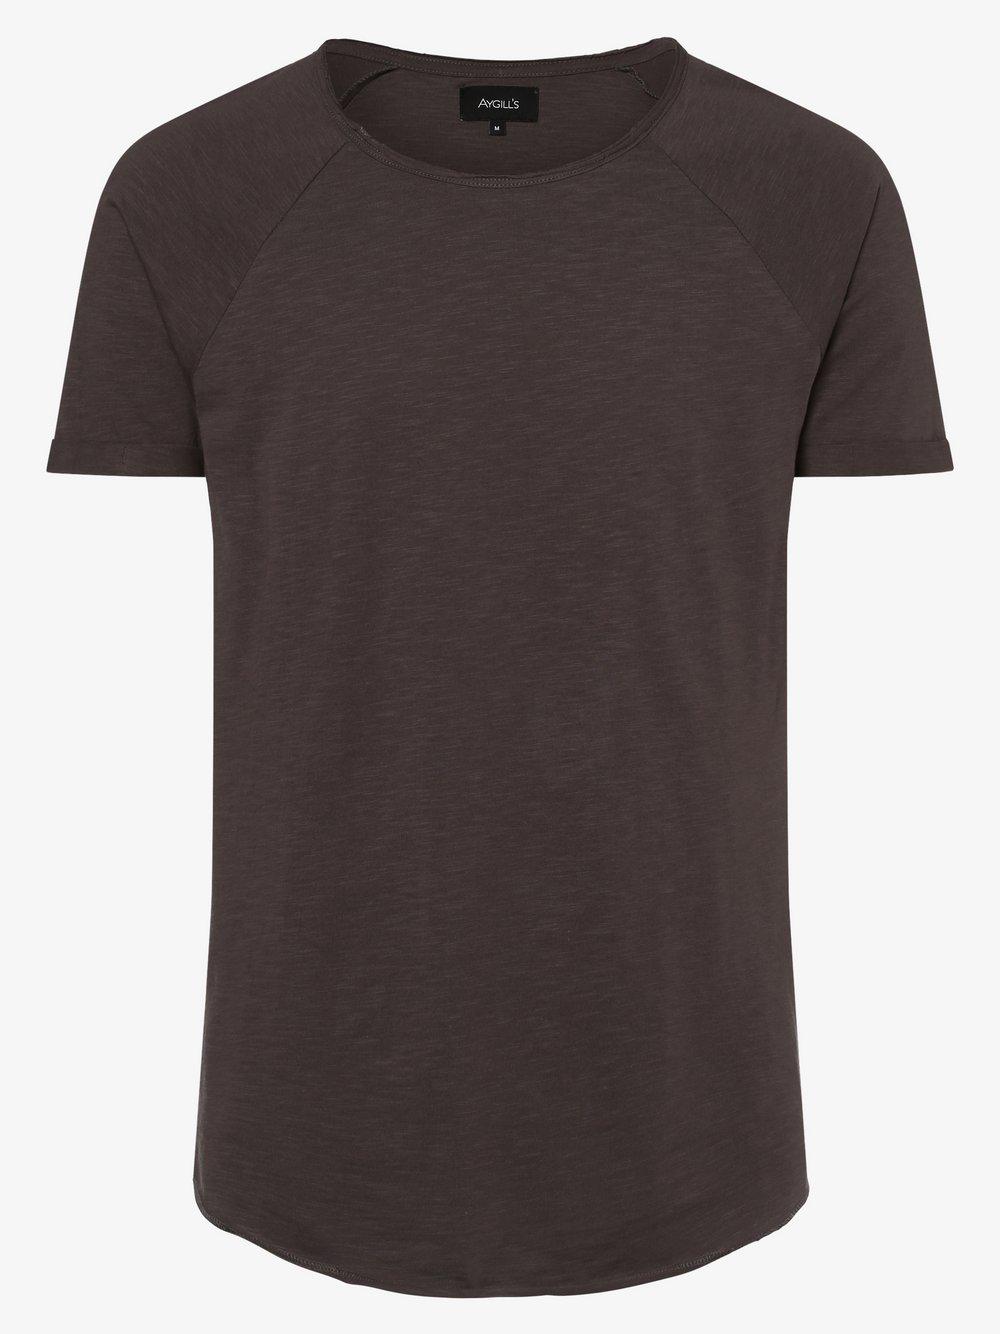 Aygill's - T-shirt męski, szary